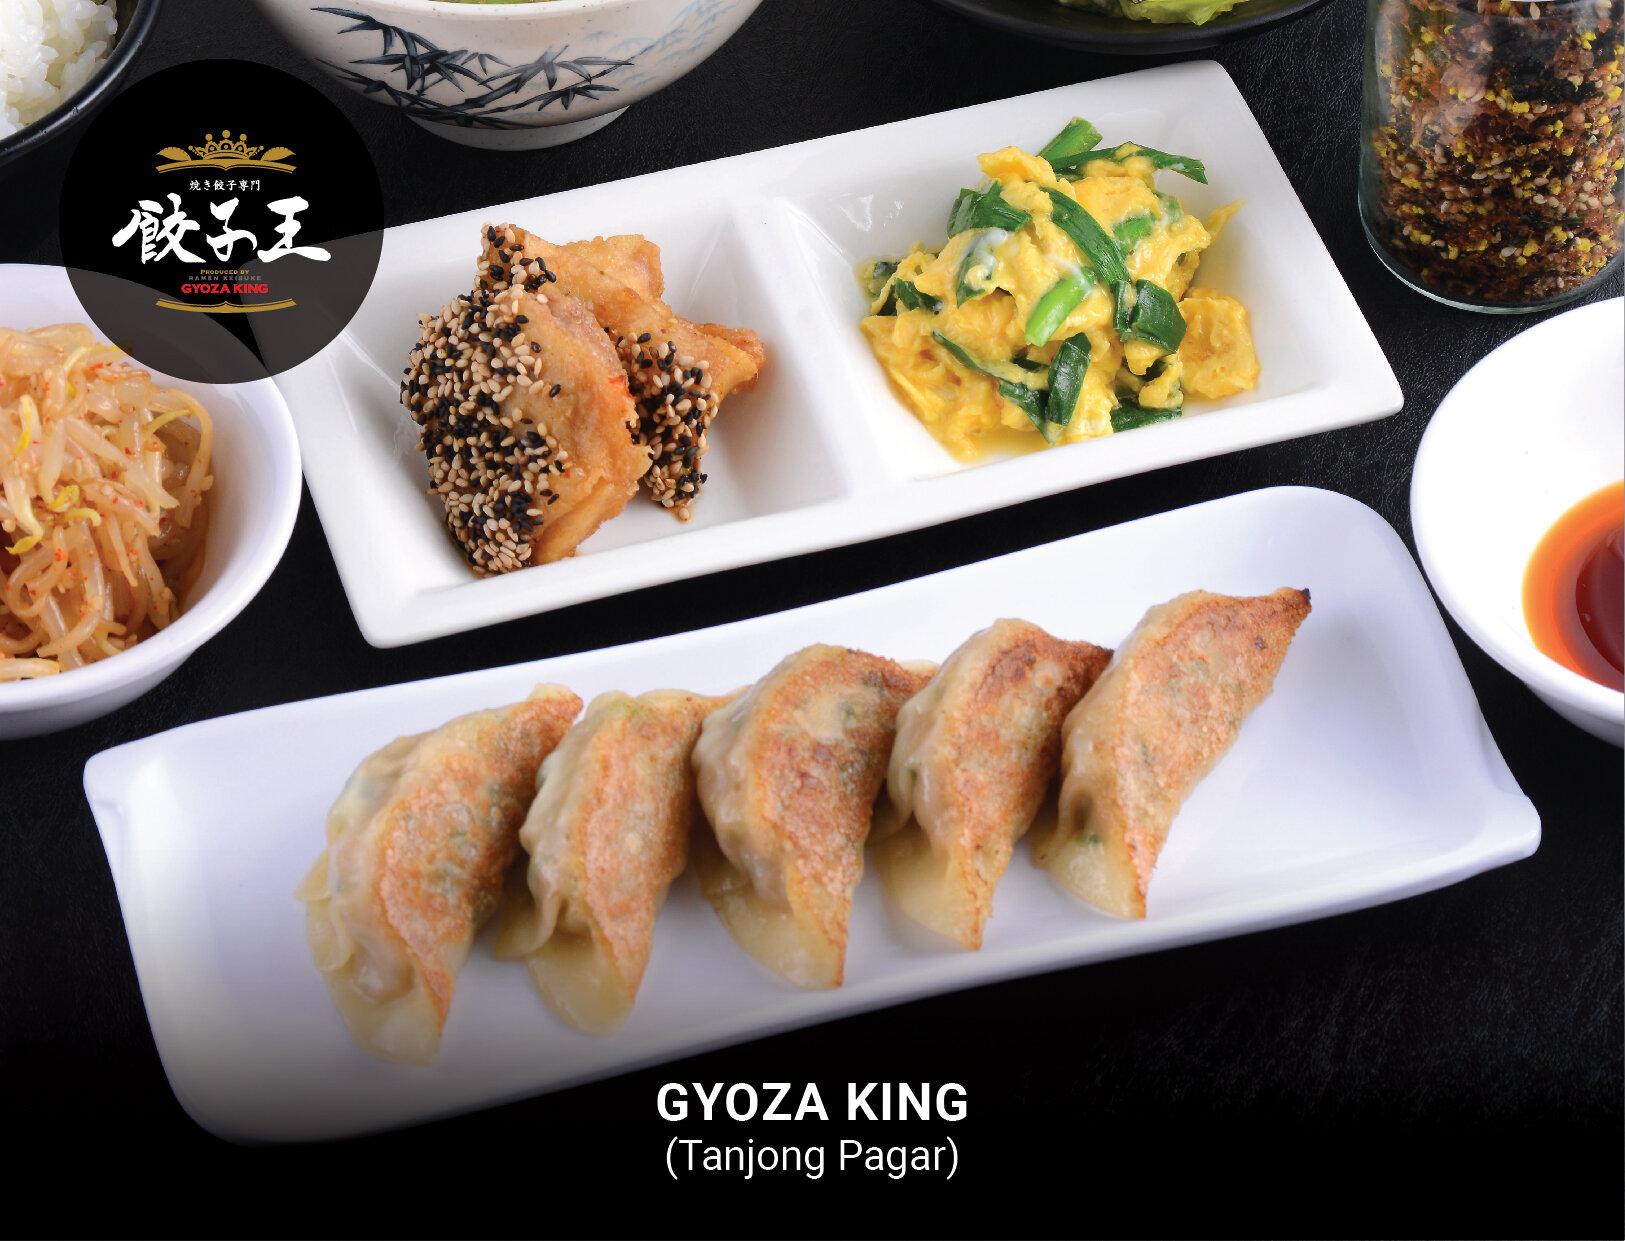 Gyoza King (Tanjong Pagar)